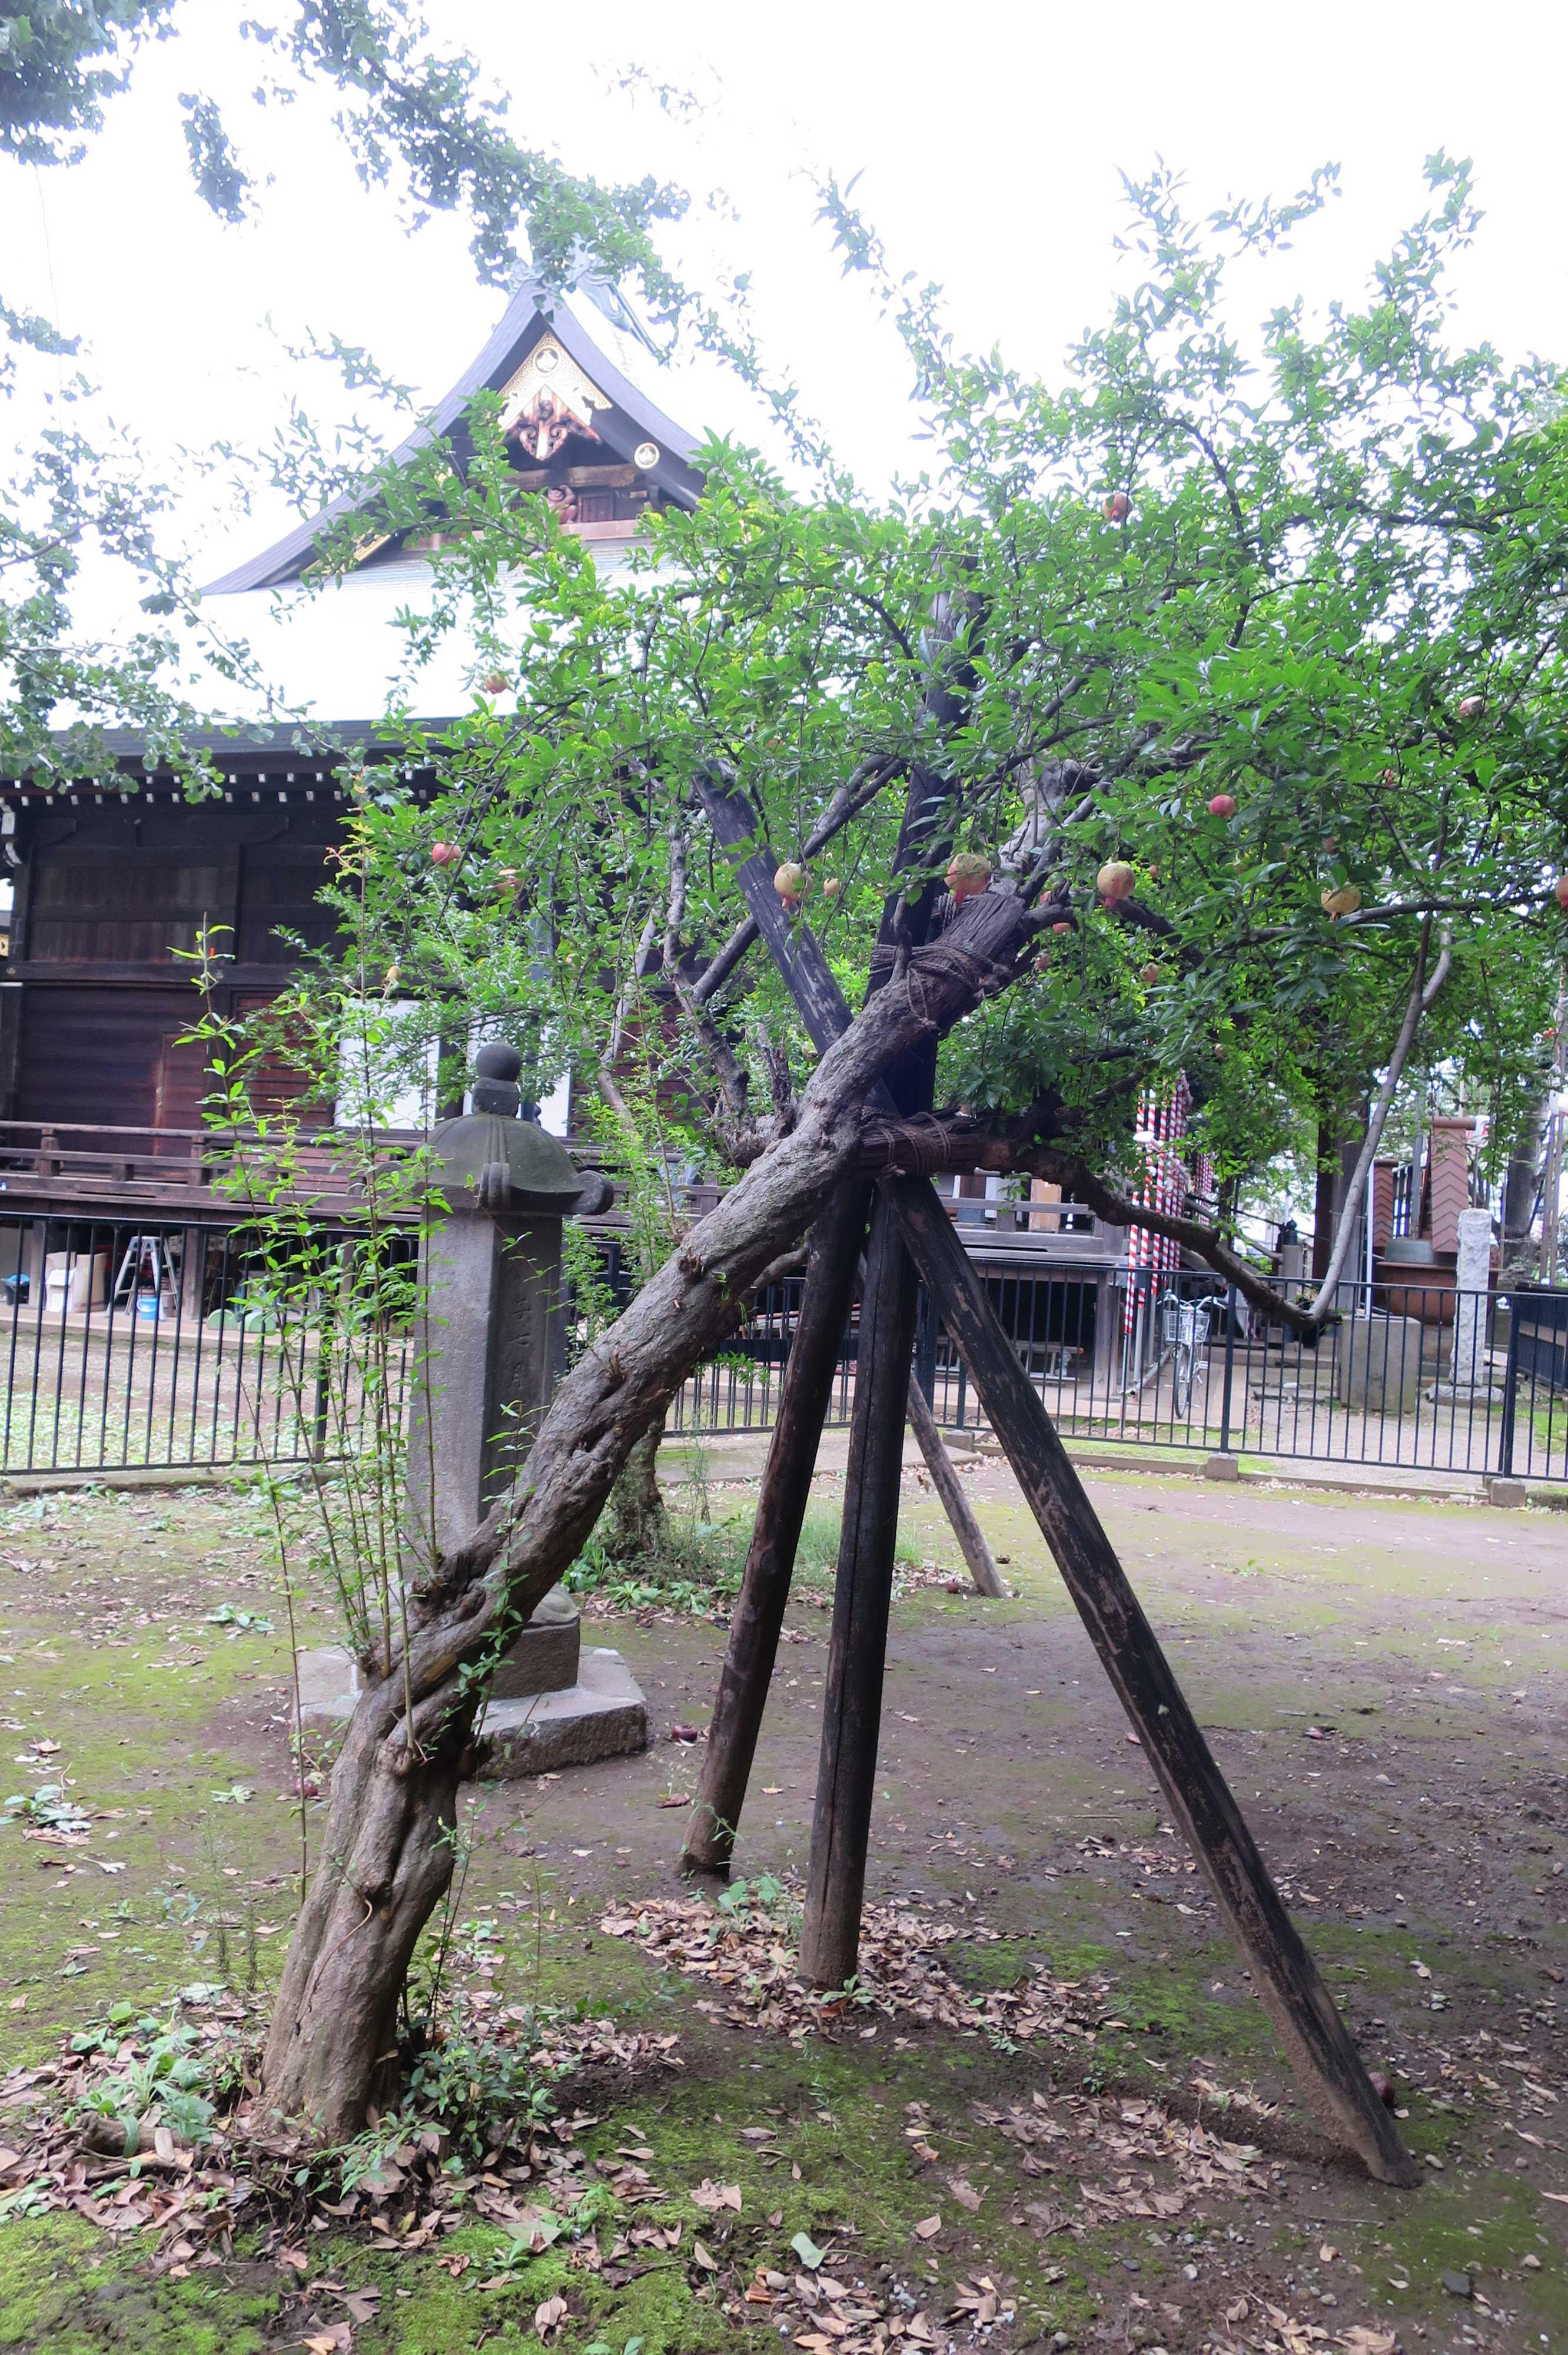 東京 雑司が谷・鬼子母神堂 - ザクロの木のつっかえ棒